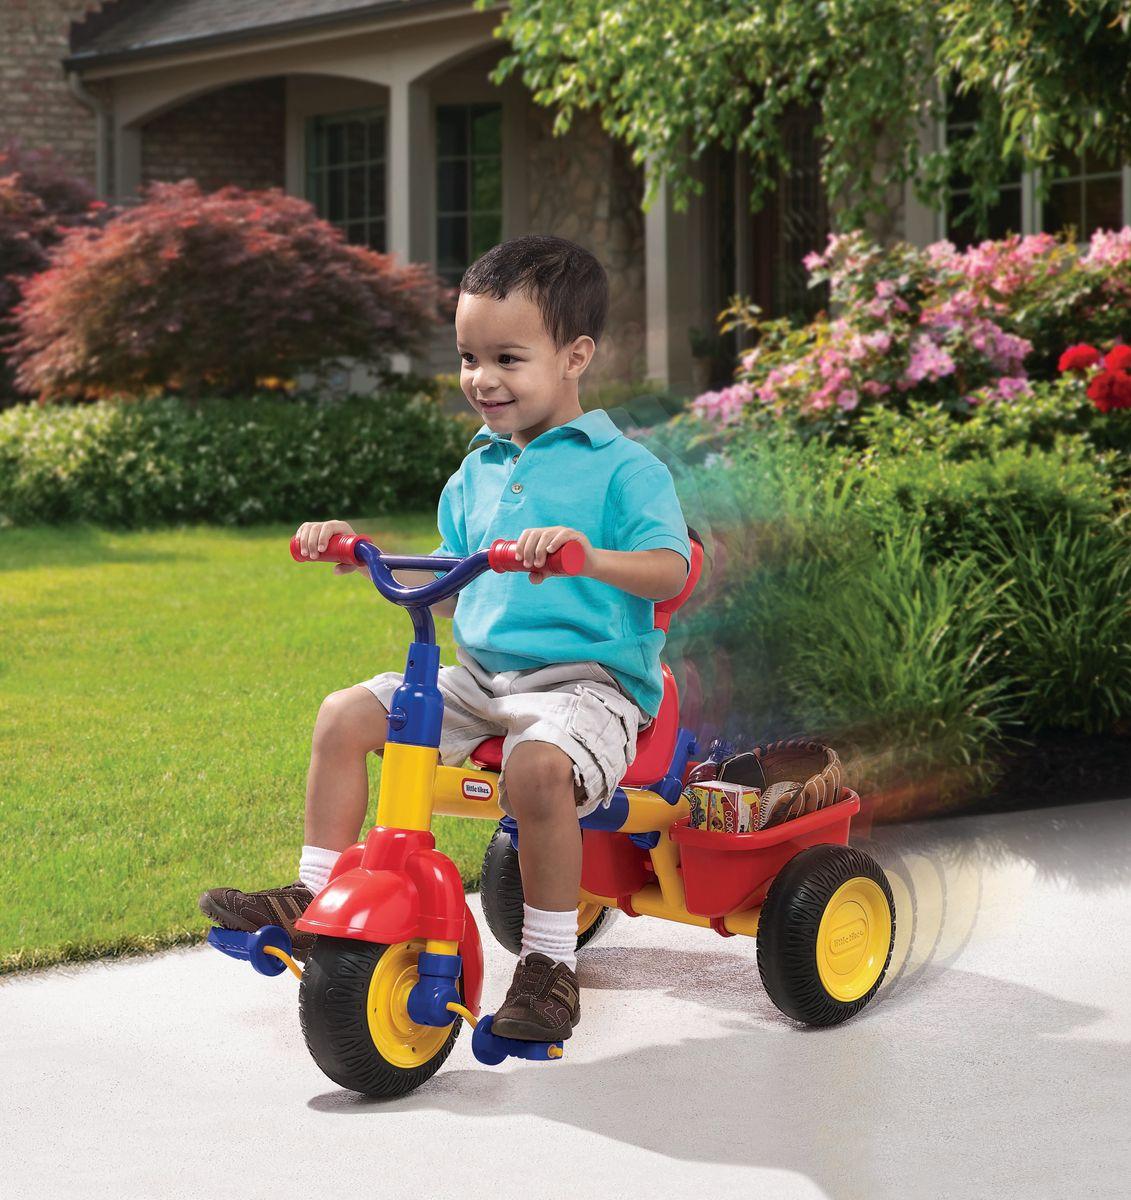 Удобное сиденье, 3 положения, открепляющаяся спинка, ремни безопасности, ограничитель (в дополнение к ремням безопасности, для 1-го этапа),   держатель для бутылочки, корзина сзади, тент от солнца. Колёса из прорезиненного пластика. Прекрасный яркий. Велосипед трехколесный Little Tikes 3 в 1   предназначен для самых маленьких гонщиков. По мере взросления ребенка велосипед также будет менять свою модификацию. Когда малыш сможет   самостоятельно управлять велосипедом, возможно убрать родительскую ручку, снять бортик безопасности и Little Tikes 3 в 1 превратится в обычный   трехколесный велосипед.  Характеристики модели:  - для детей от 9 месяцев до 3 лет; - мягкие колеса EVA с протектором, изготовлены из PP (полипропилен) и EVA (этиленвинилацетат); - максимальный допустимый вес ребенка 23 кг; - устойчивый и безопасный; - сиденье со спинкой пластиковое; - материал пластик; - управление рулем; - корзинка для игрушек; - толстая прочная рама; - родительская ручка; - подвижный тент от солнца; - пятиточечные ремни безопасности; - подножка для ног; - нескользящие педали и ручки руля; - держатель для бутылочки; - максимальная нагрузка на корзину 2,3 кг; - размеры велосипеда 93 х 48 х 93 см.      Какой велосипед выбрать? Статья OZON Гид